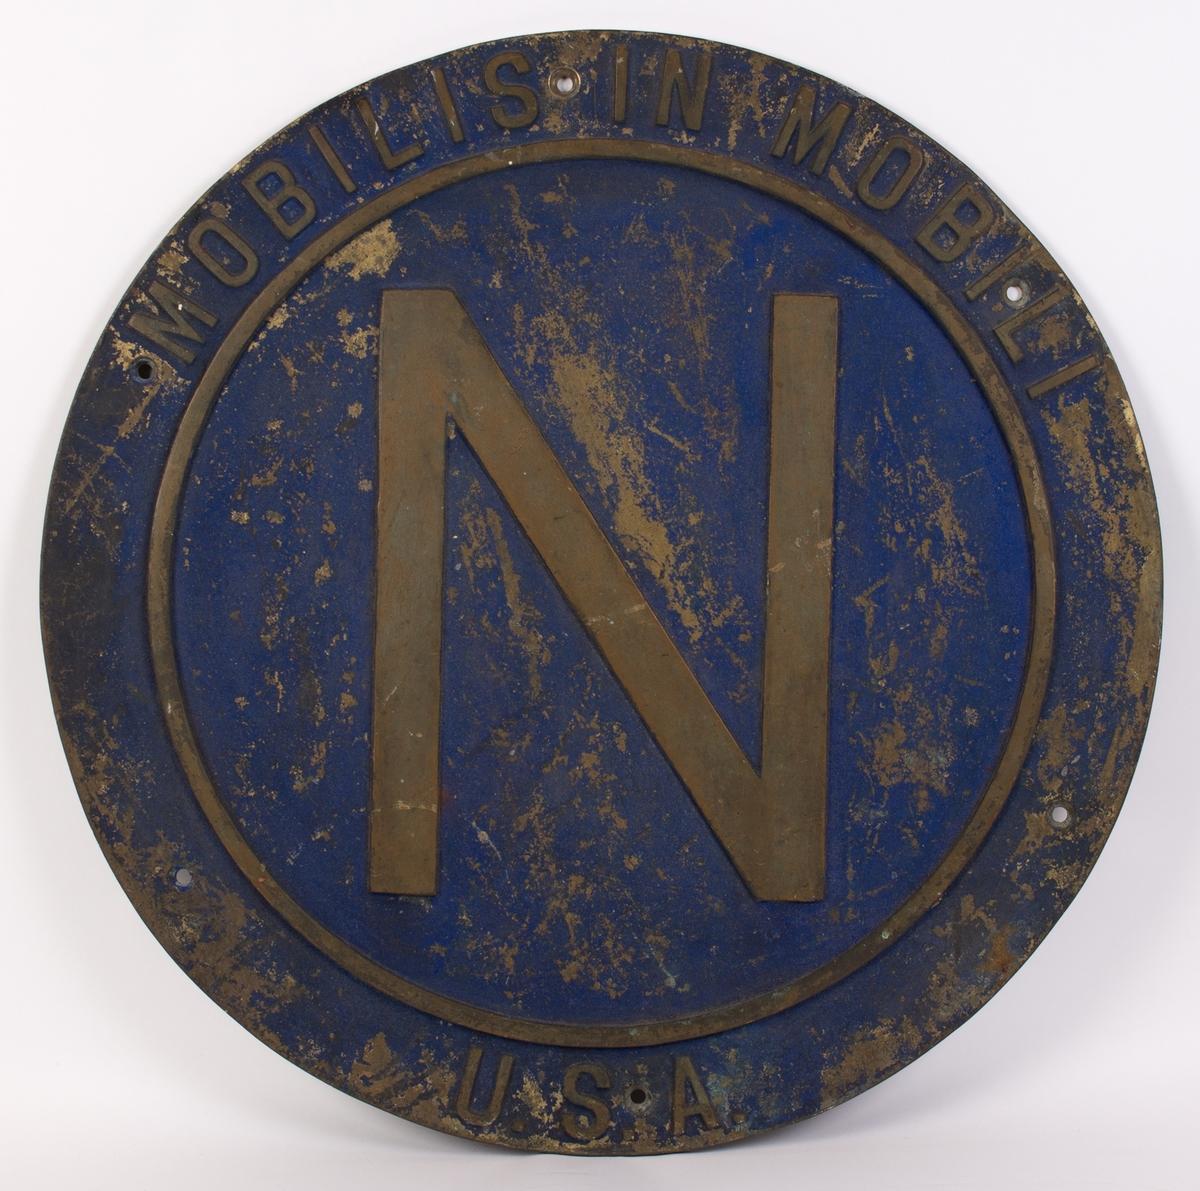 Emblem fra ubåten NAUTILUS. Rundt.